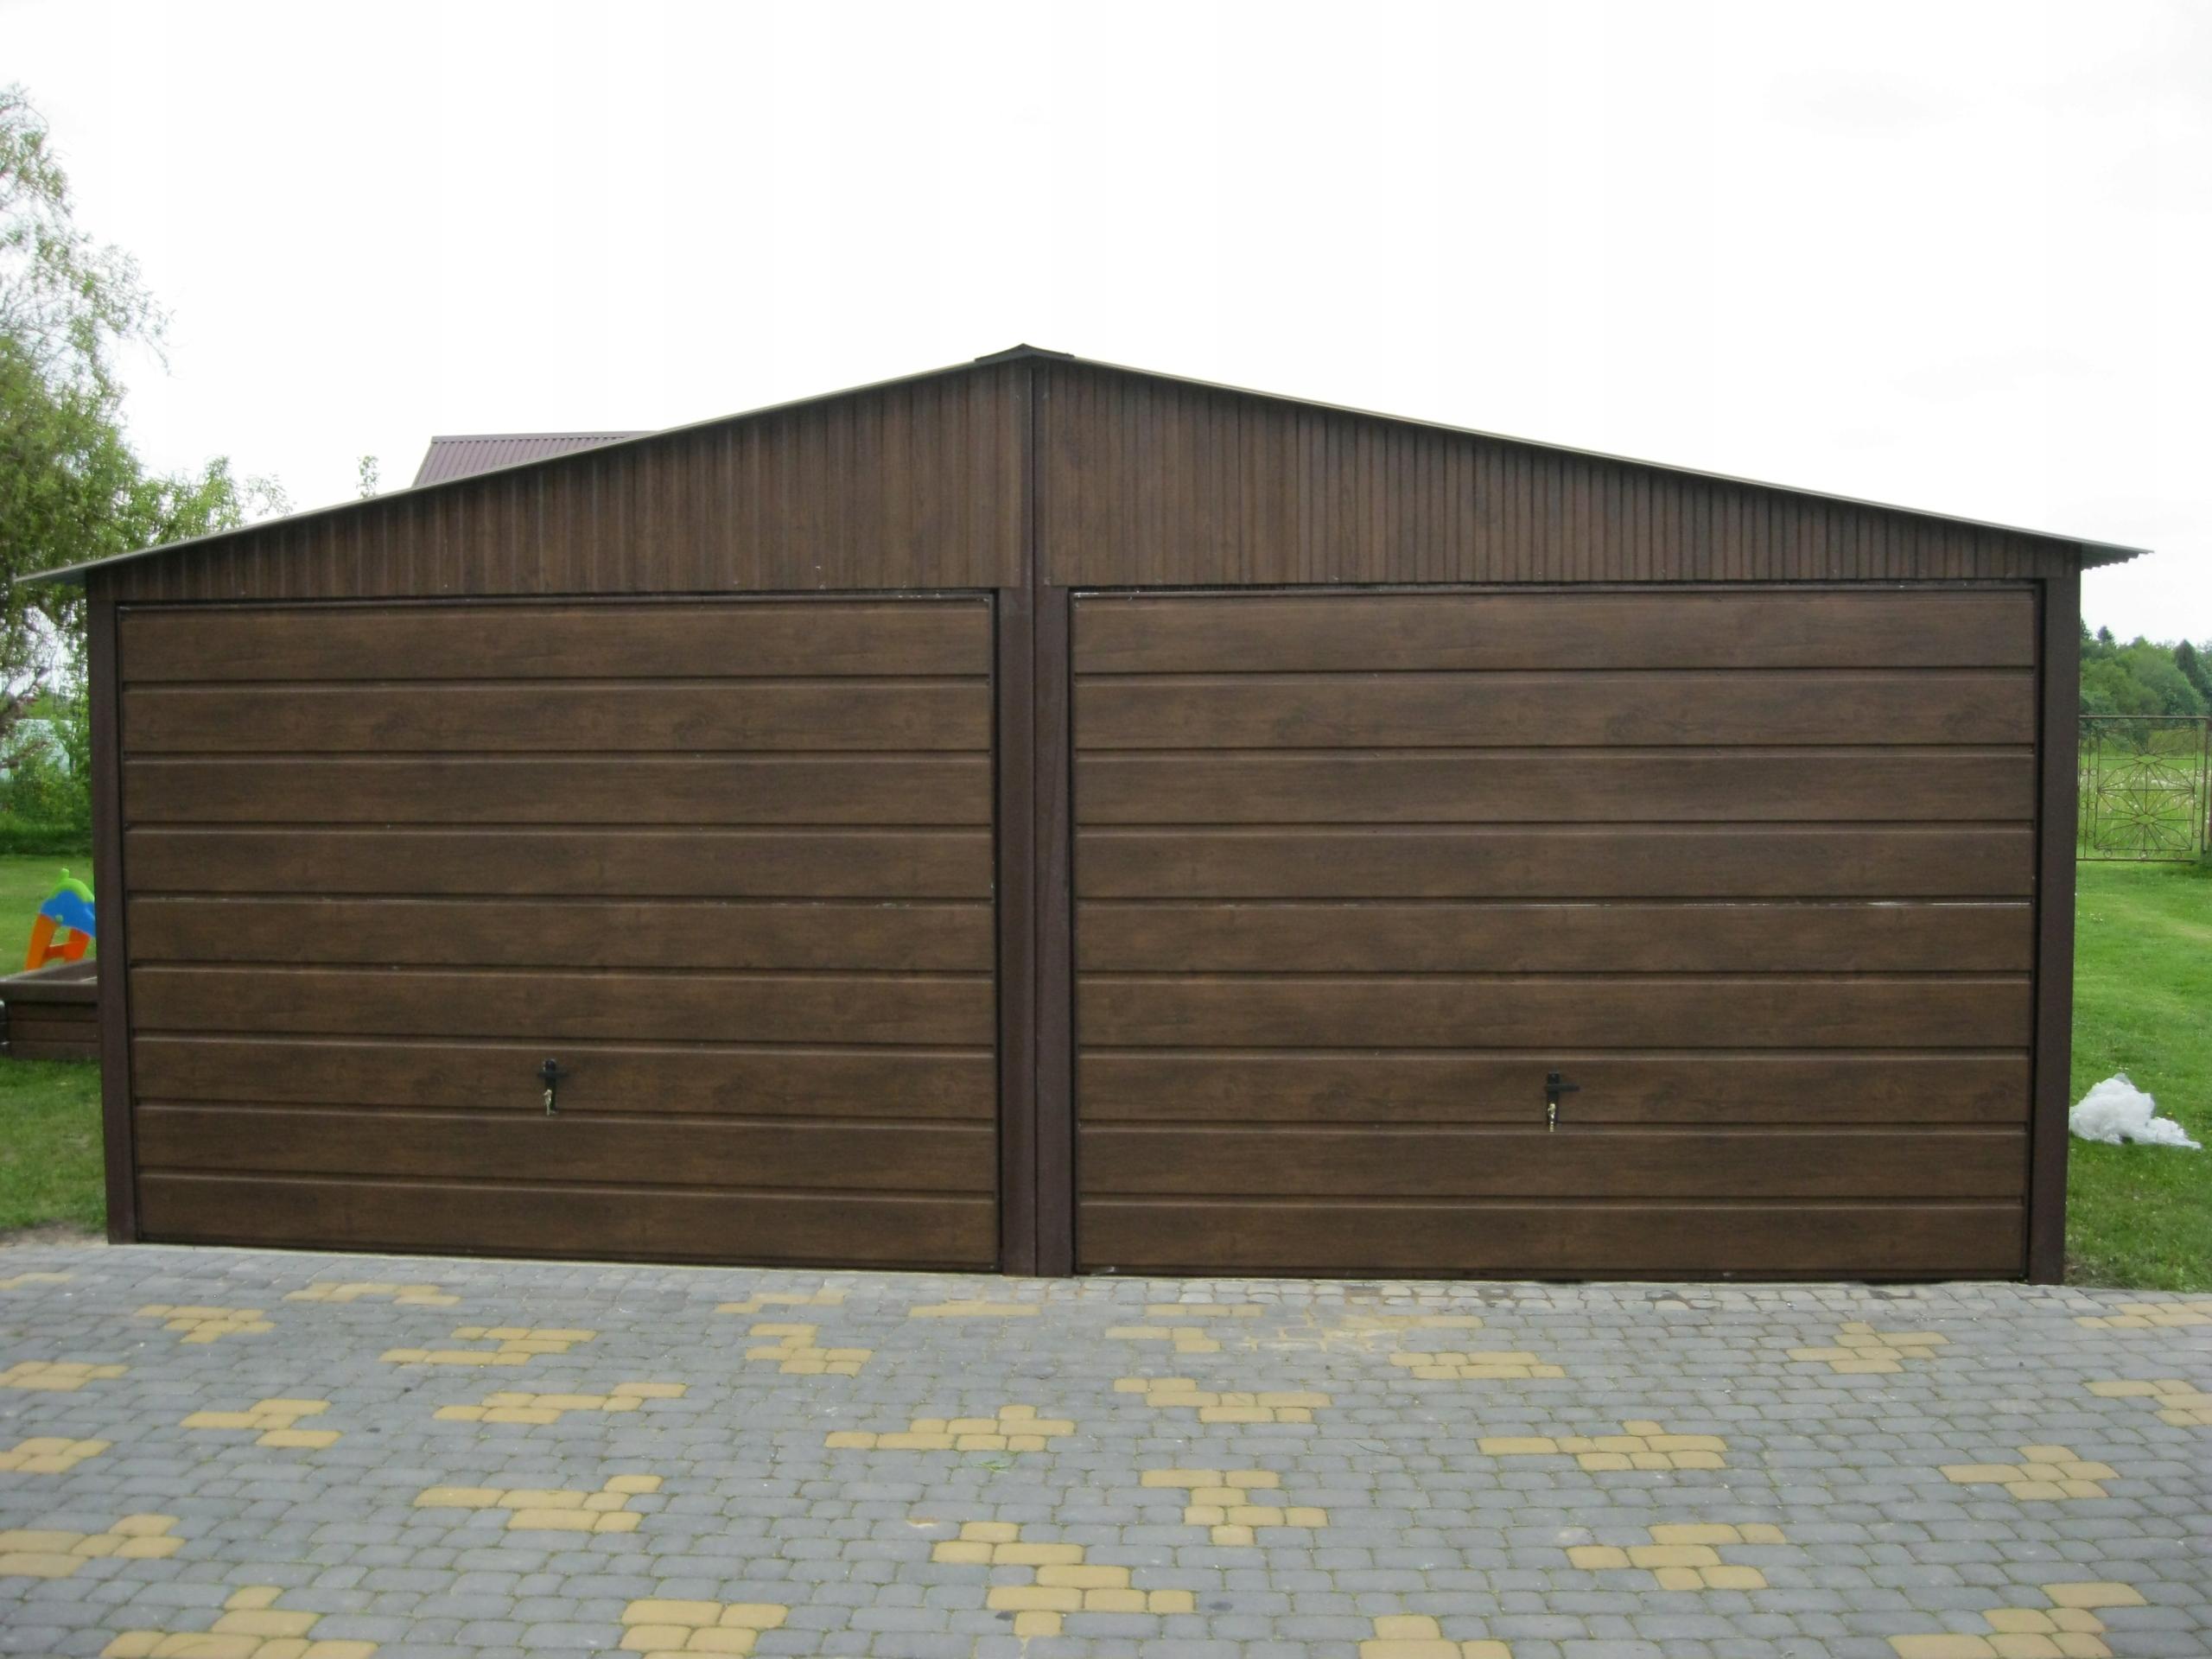 Garaże Blaszane 6x5 Garaż Blaszany Orzech łódzkie 7625281107